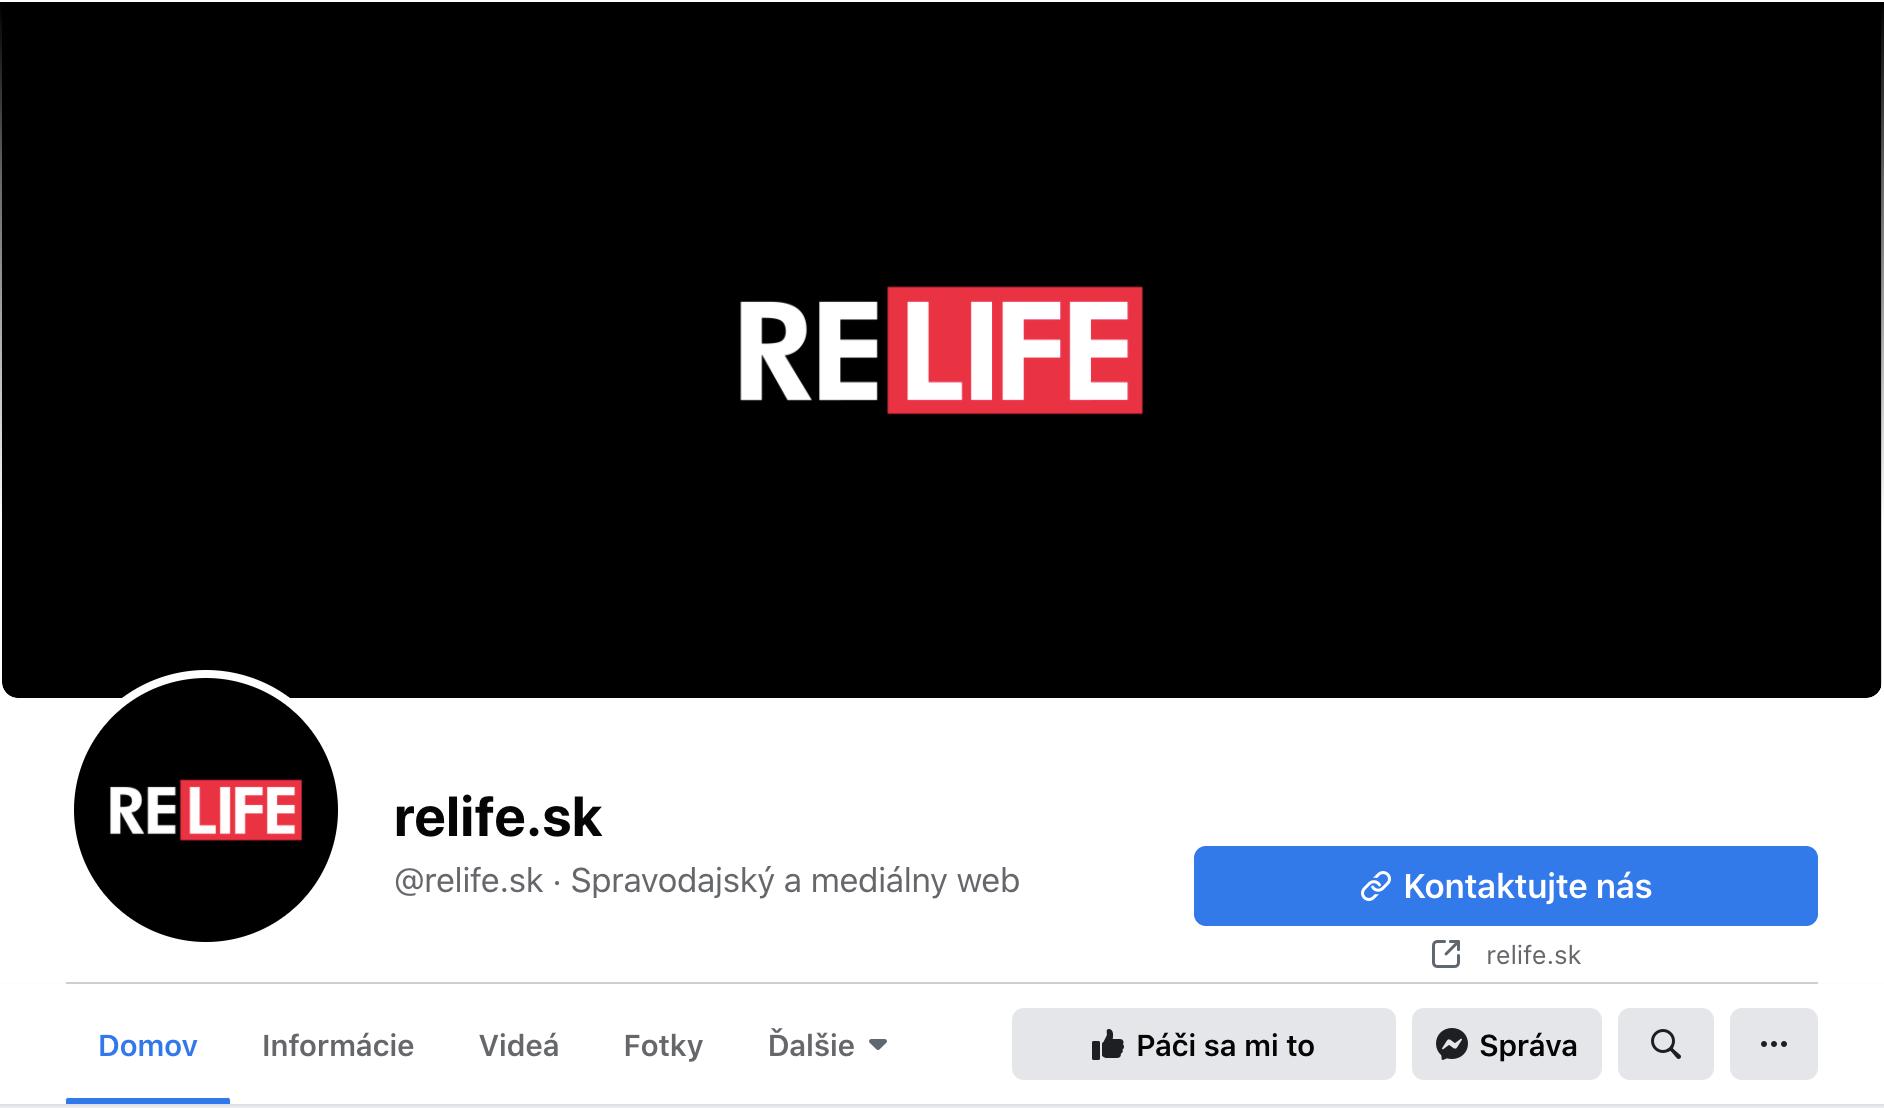 Nové rozmery Facebook obrázkov